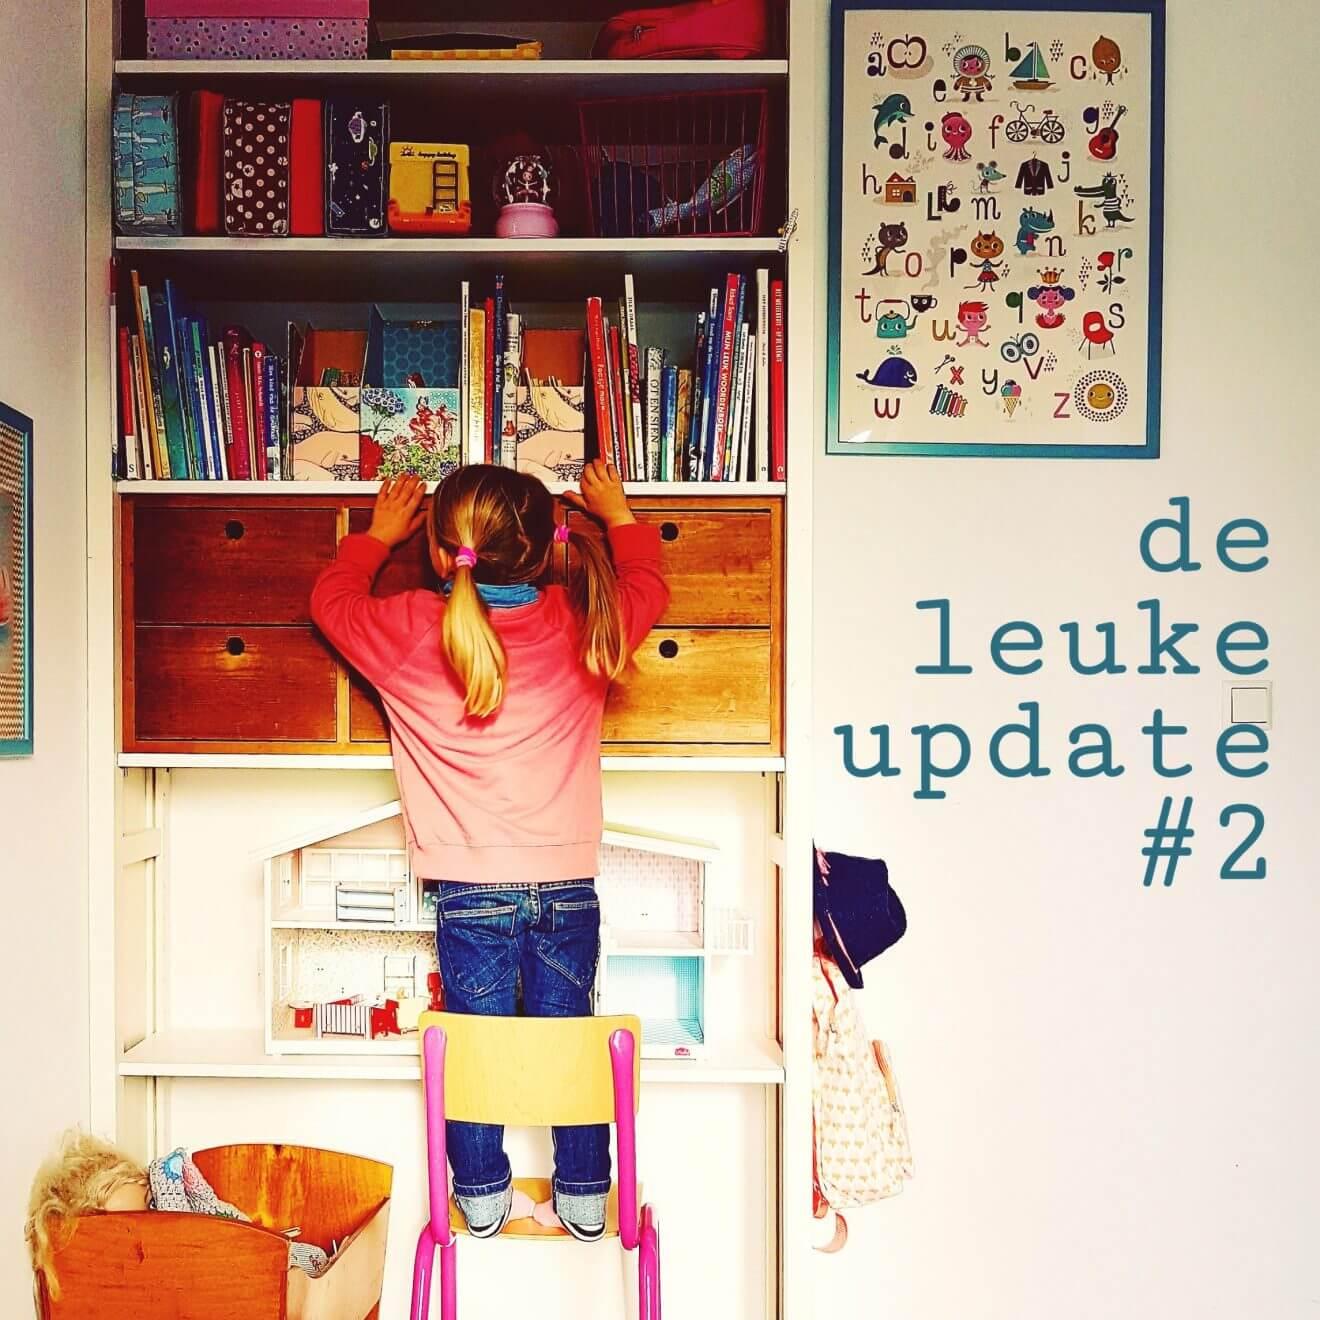 De Leuke Update #2 | Tips voor de herfst, kinderboekenweek, kids agenda en kinderkamer #leukmetkids